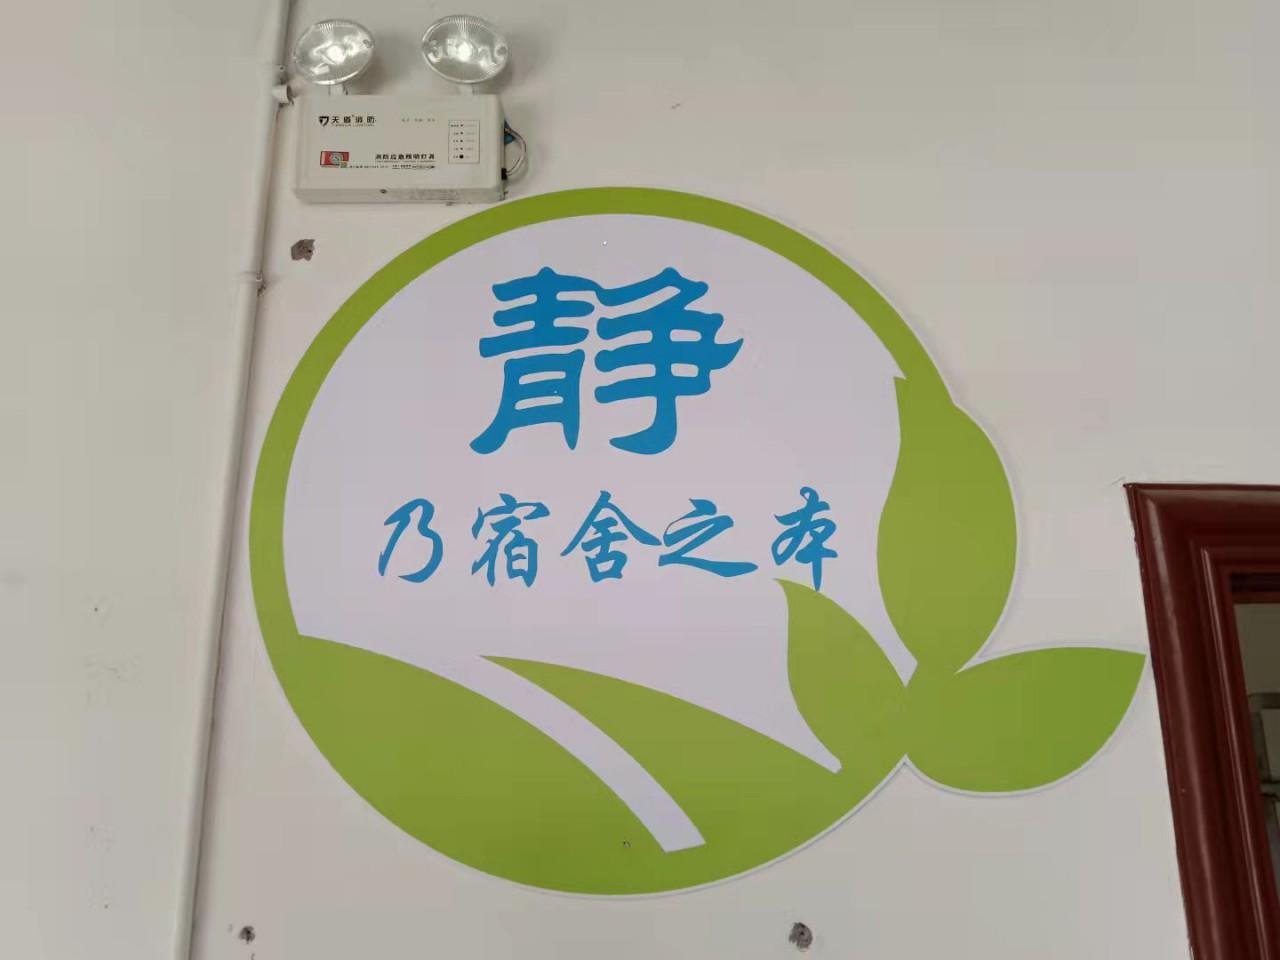 清波涤轻尘 新颜换旧貌——达川区罐子初级中学全面实施精细化管理